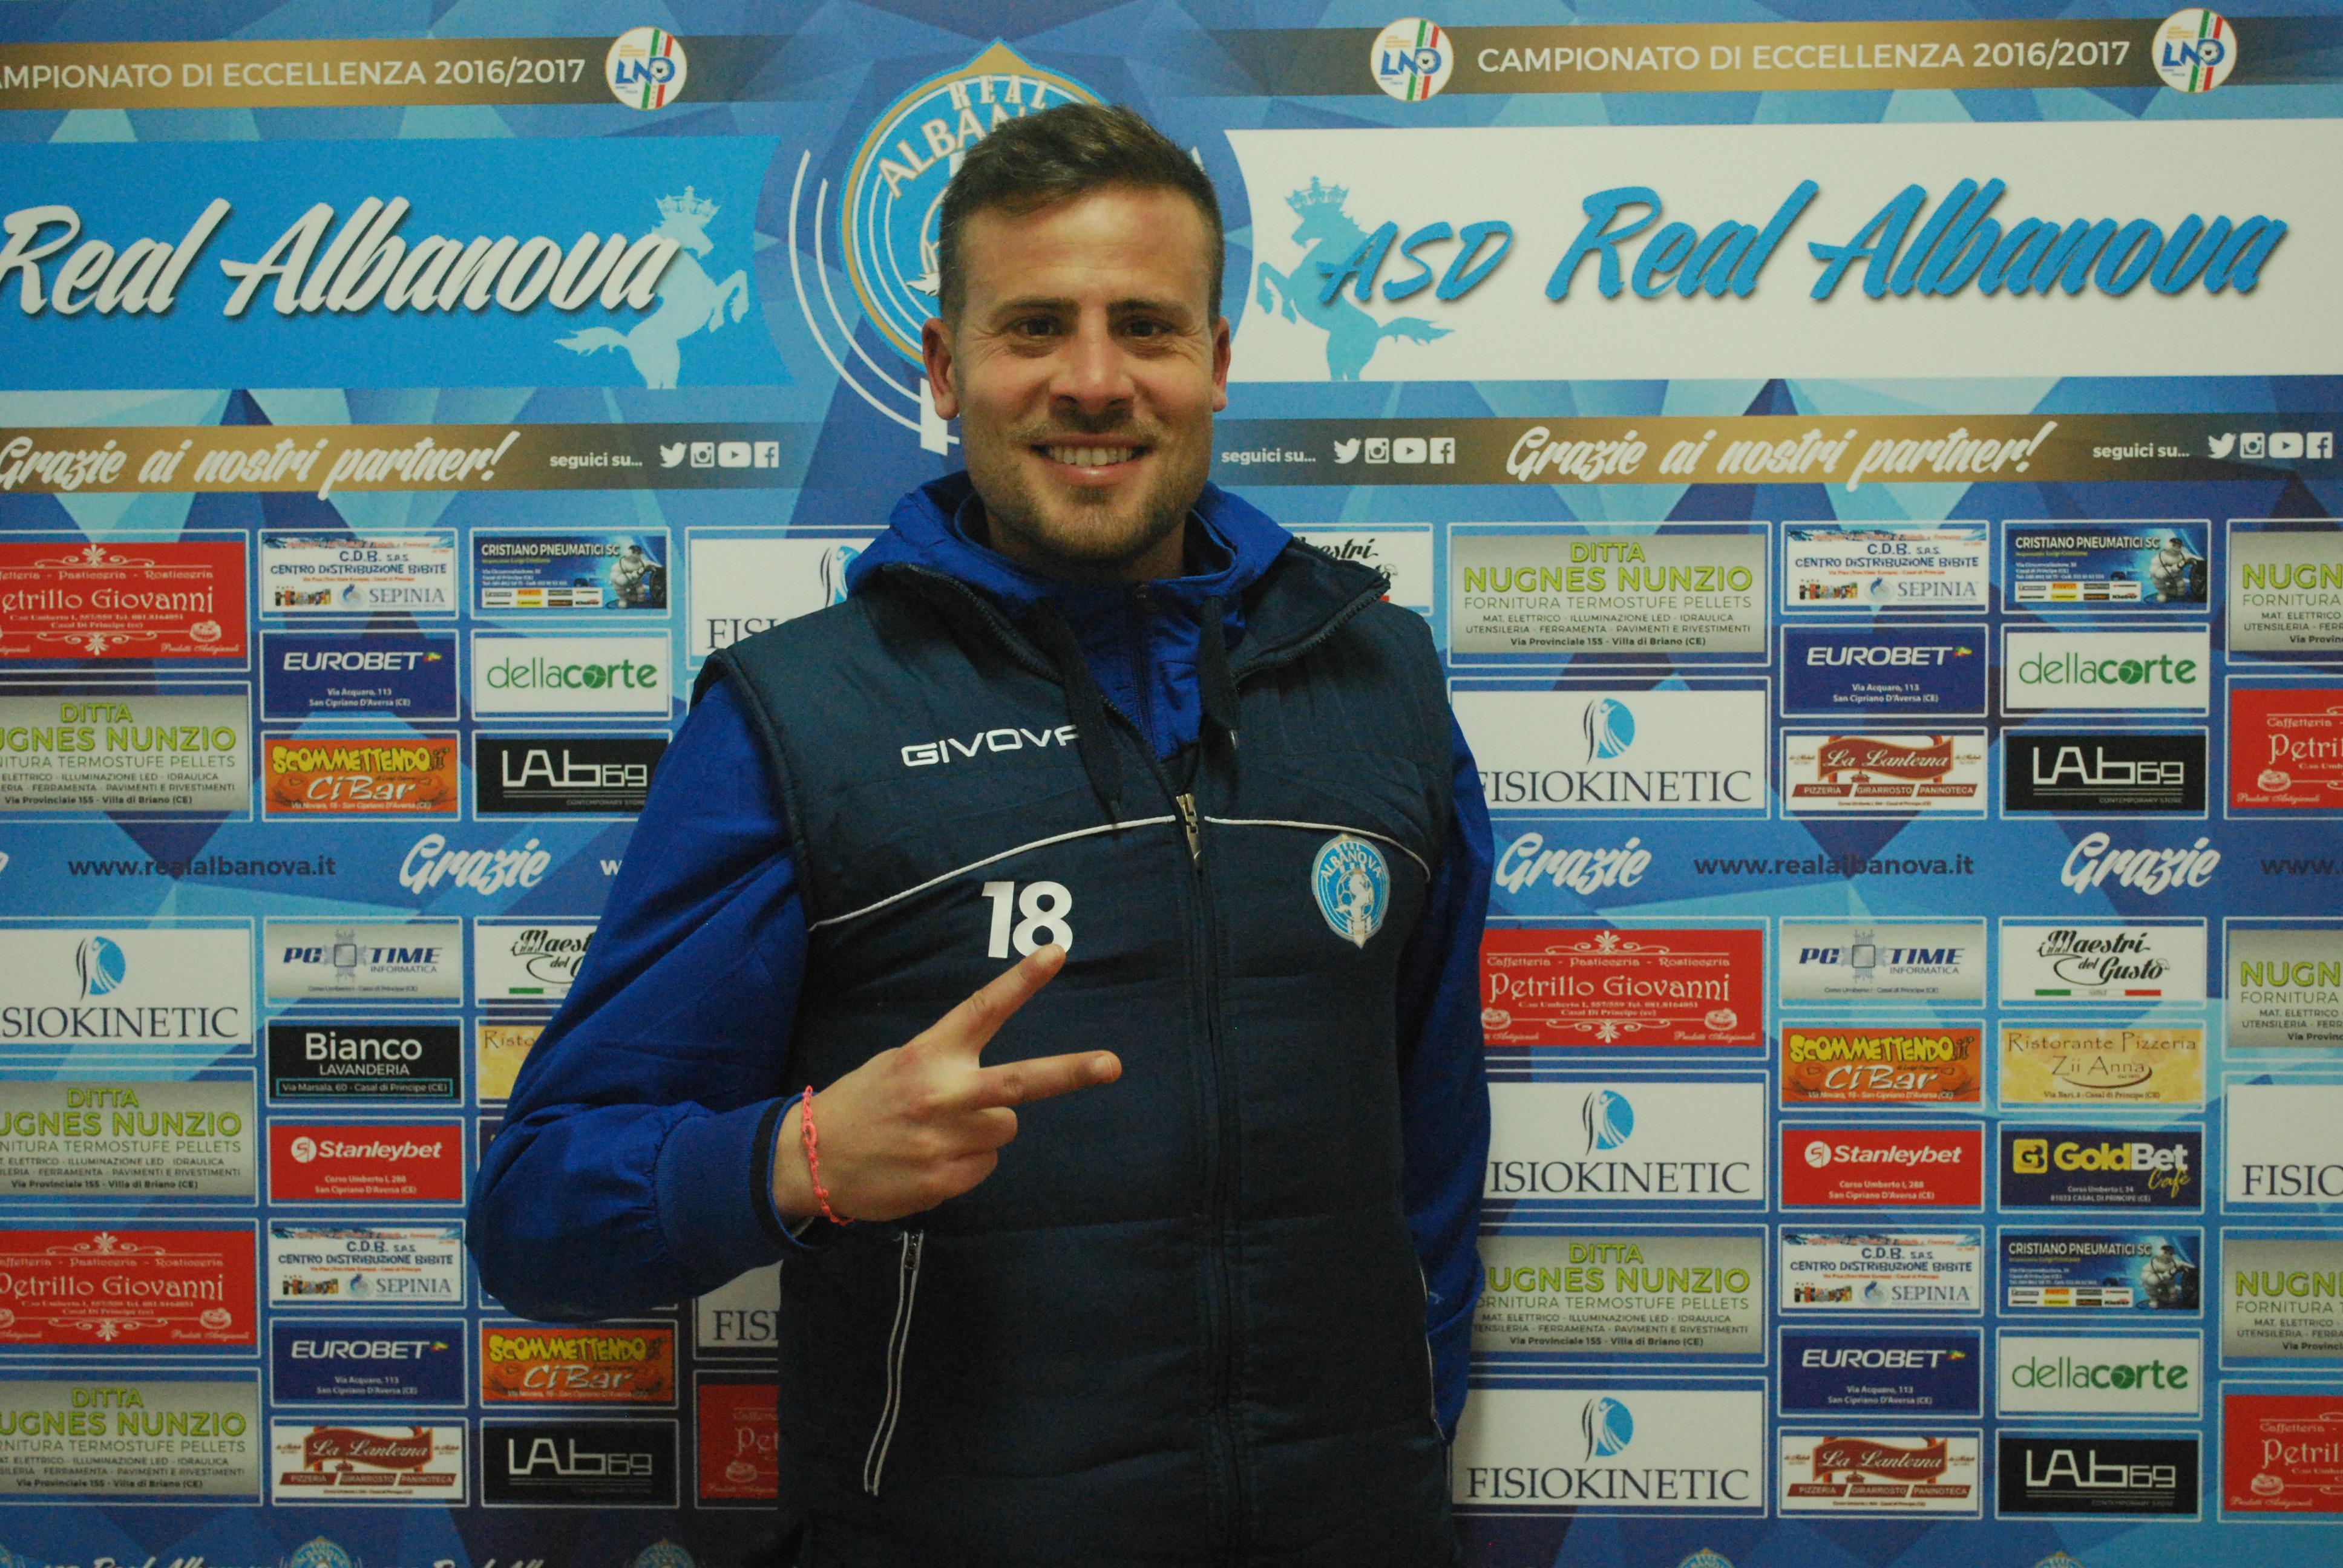 Il difensore della Real Albanova Daniele Silvestro ha rilasciato alcune dichiarazioni dopo la partita contro l'Hermes Casagiove